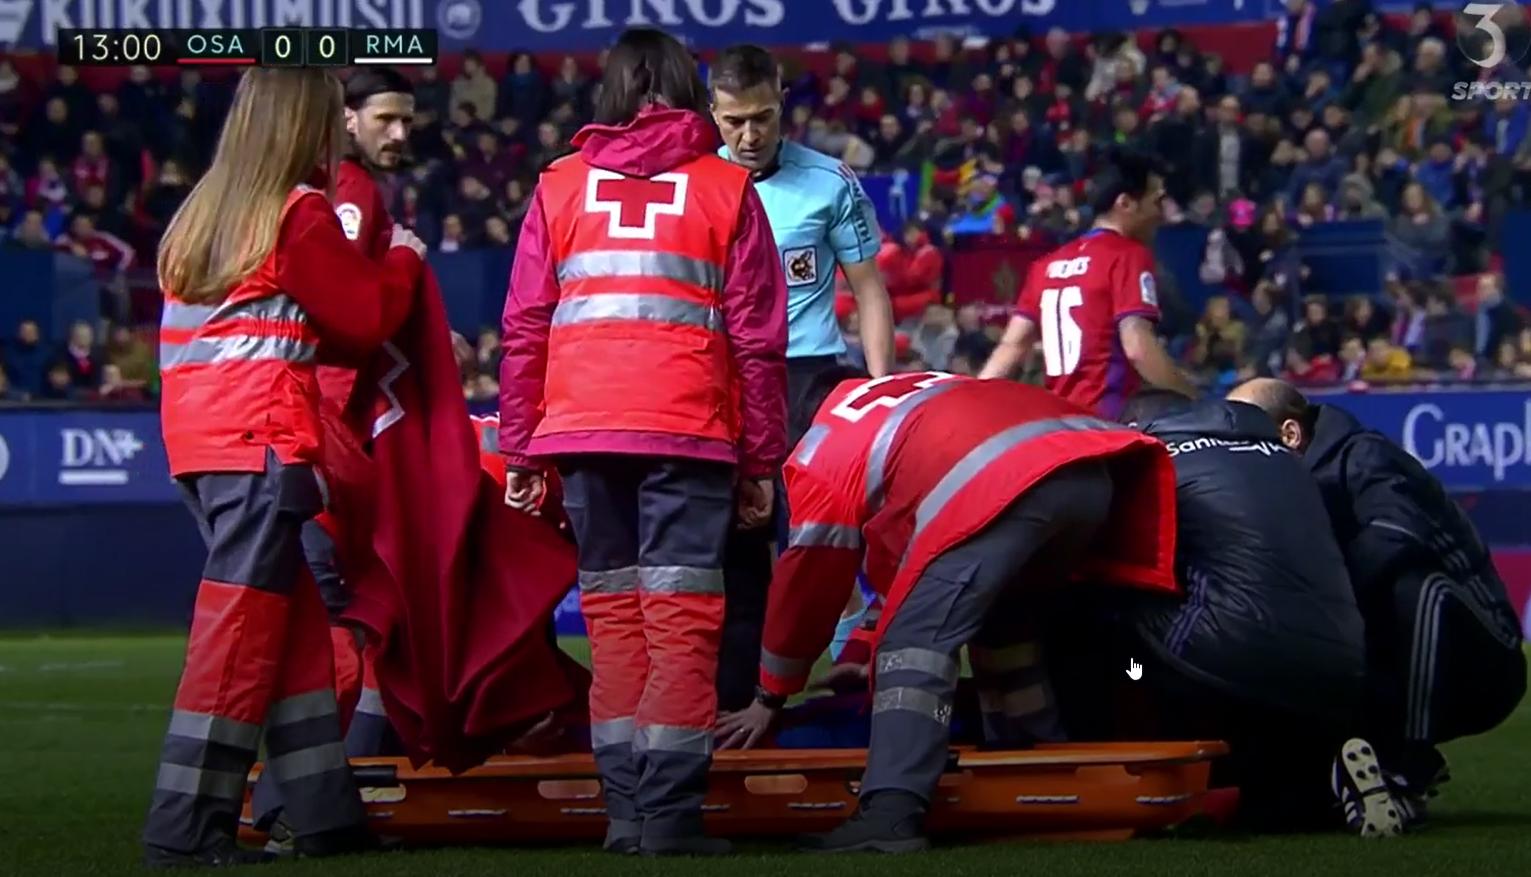 Osasuna-spiller brkker benet.png